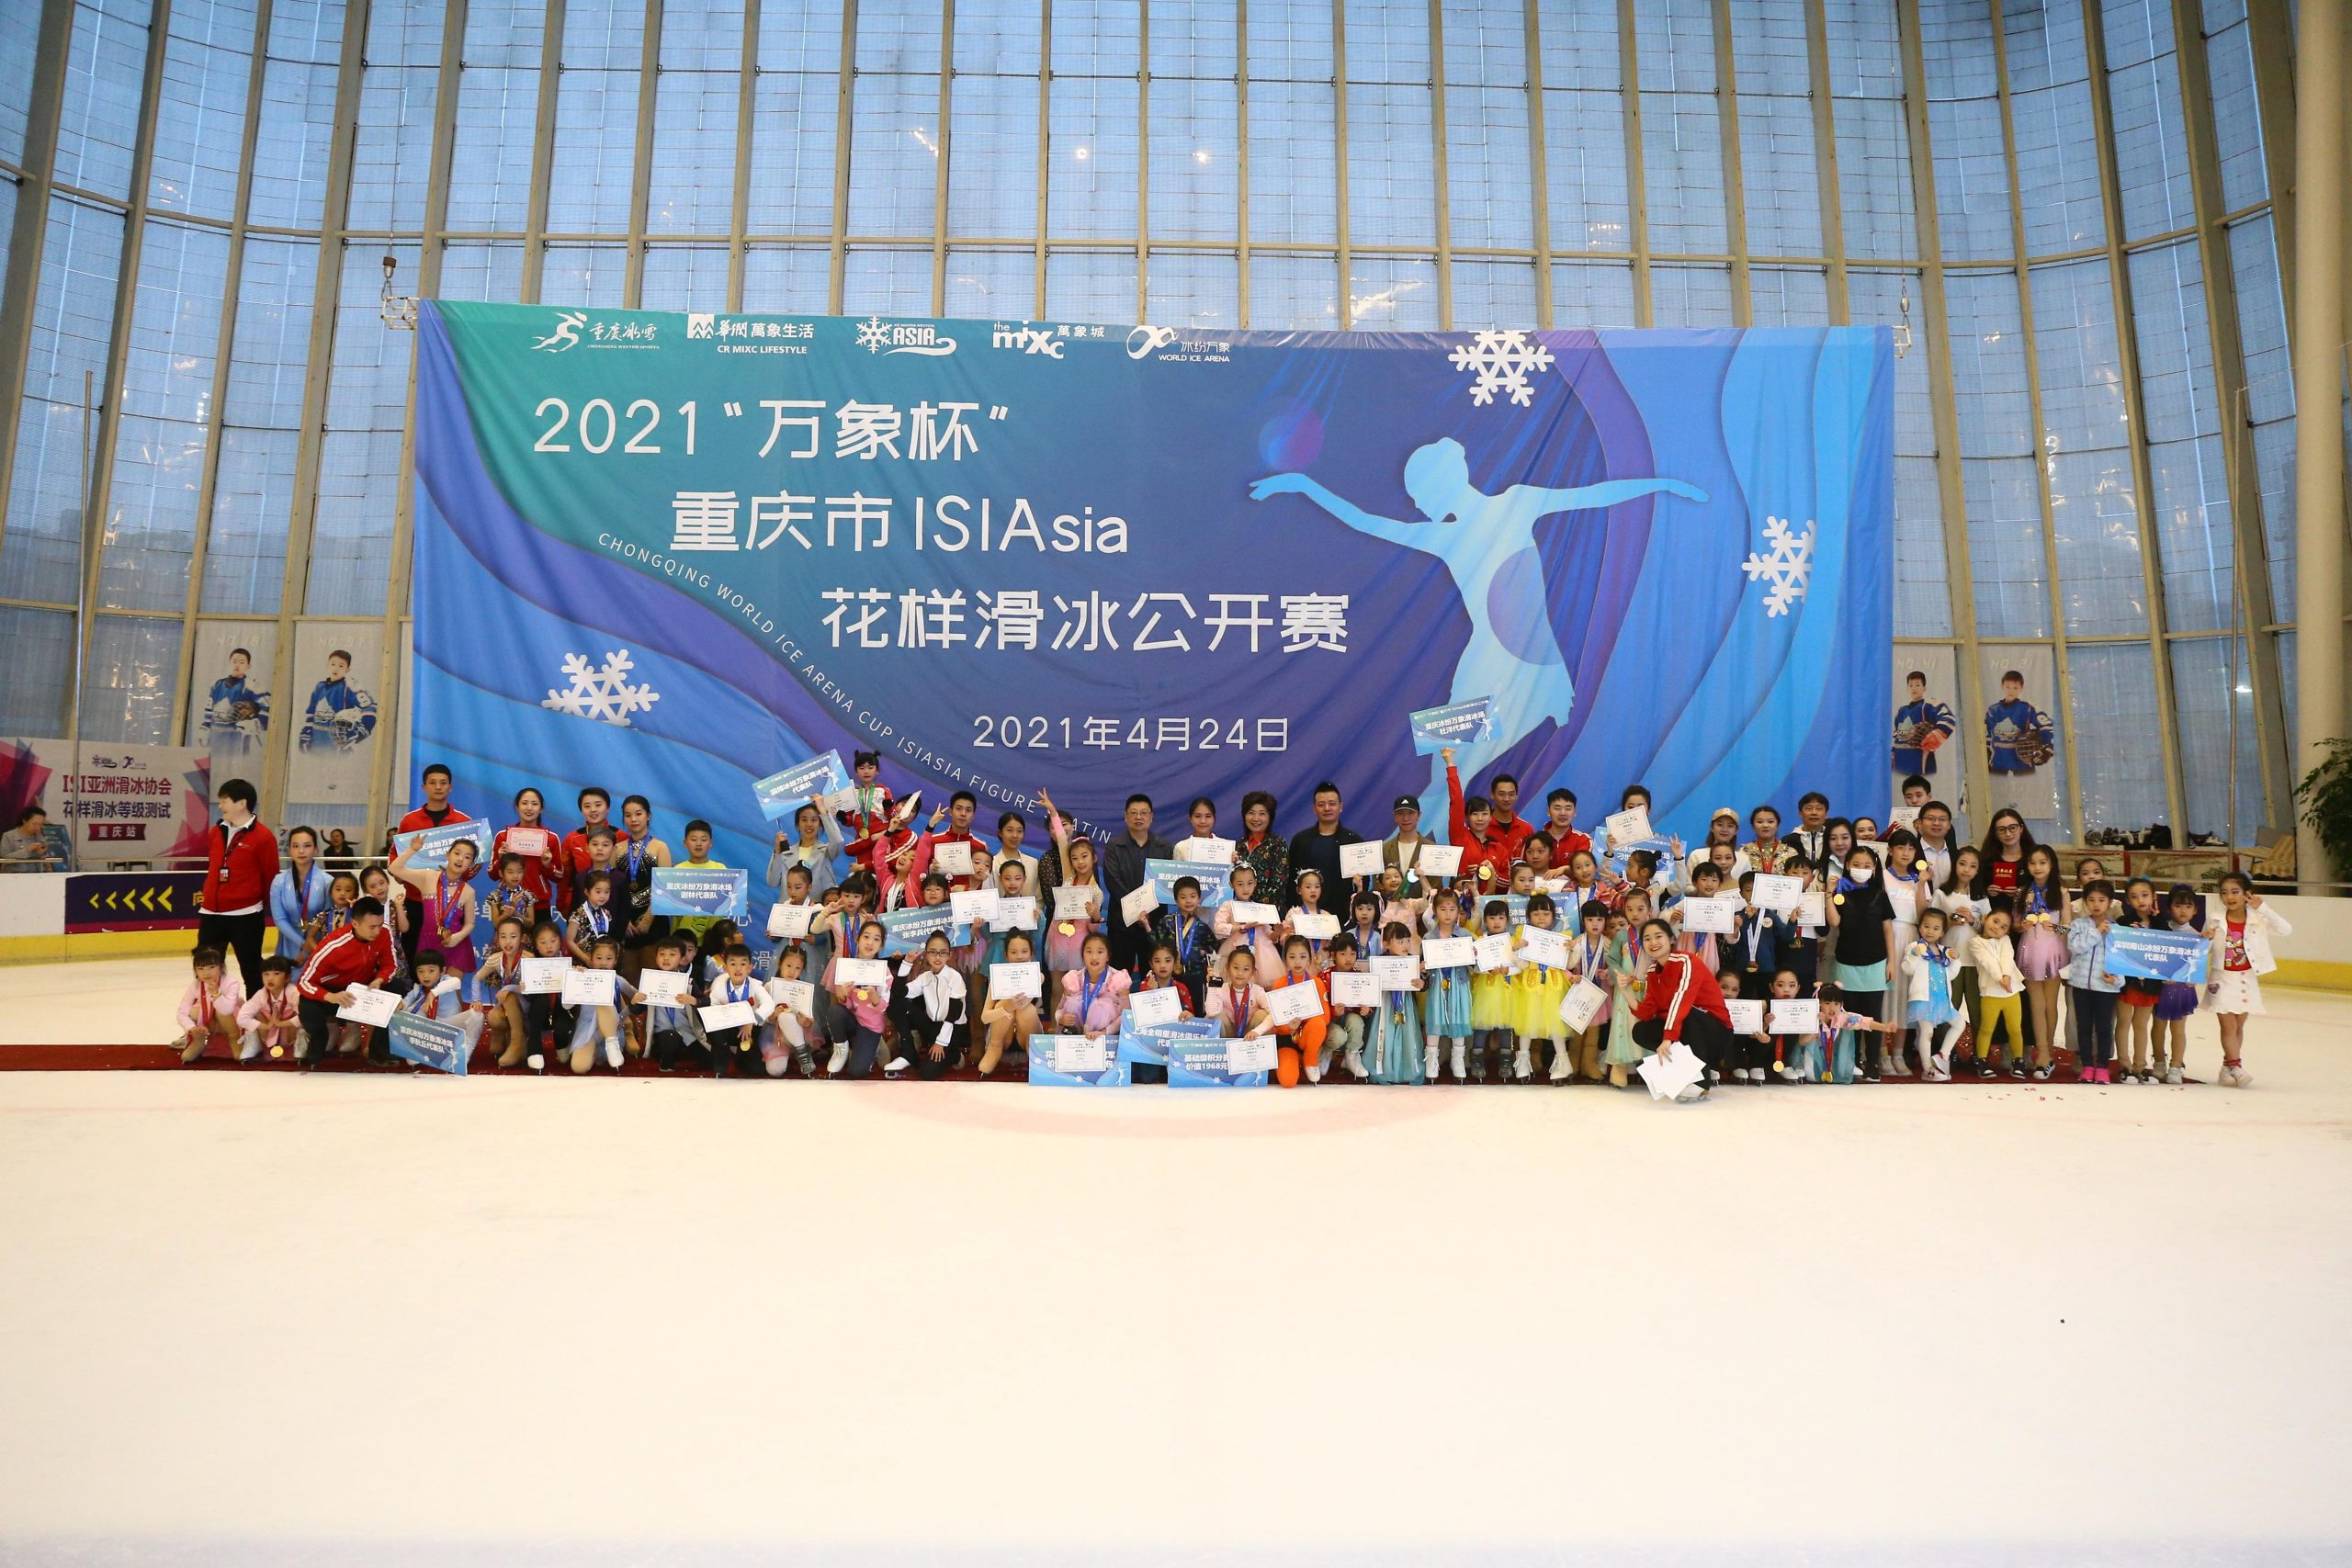 2021「万象杯」重庆市ISIAsia花样滑冰公开赛